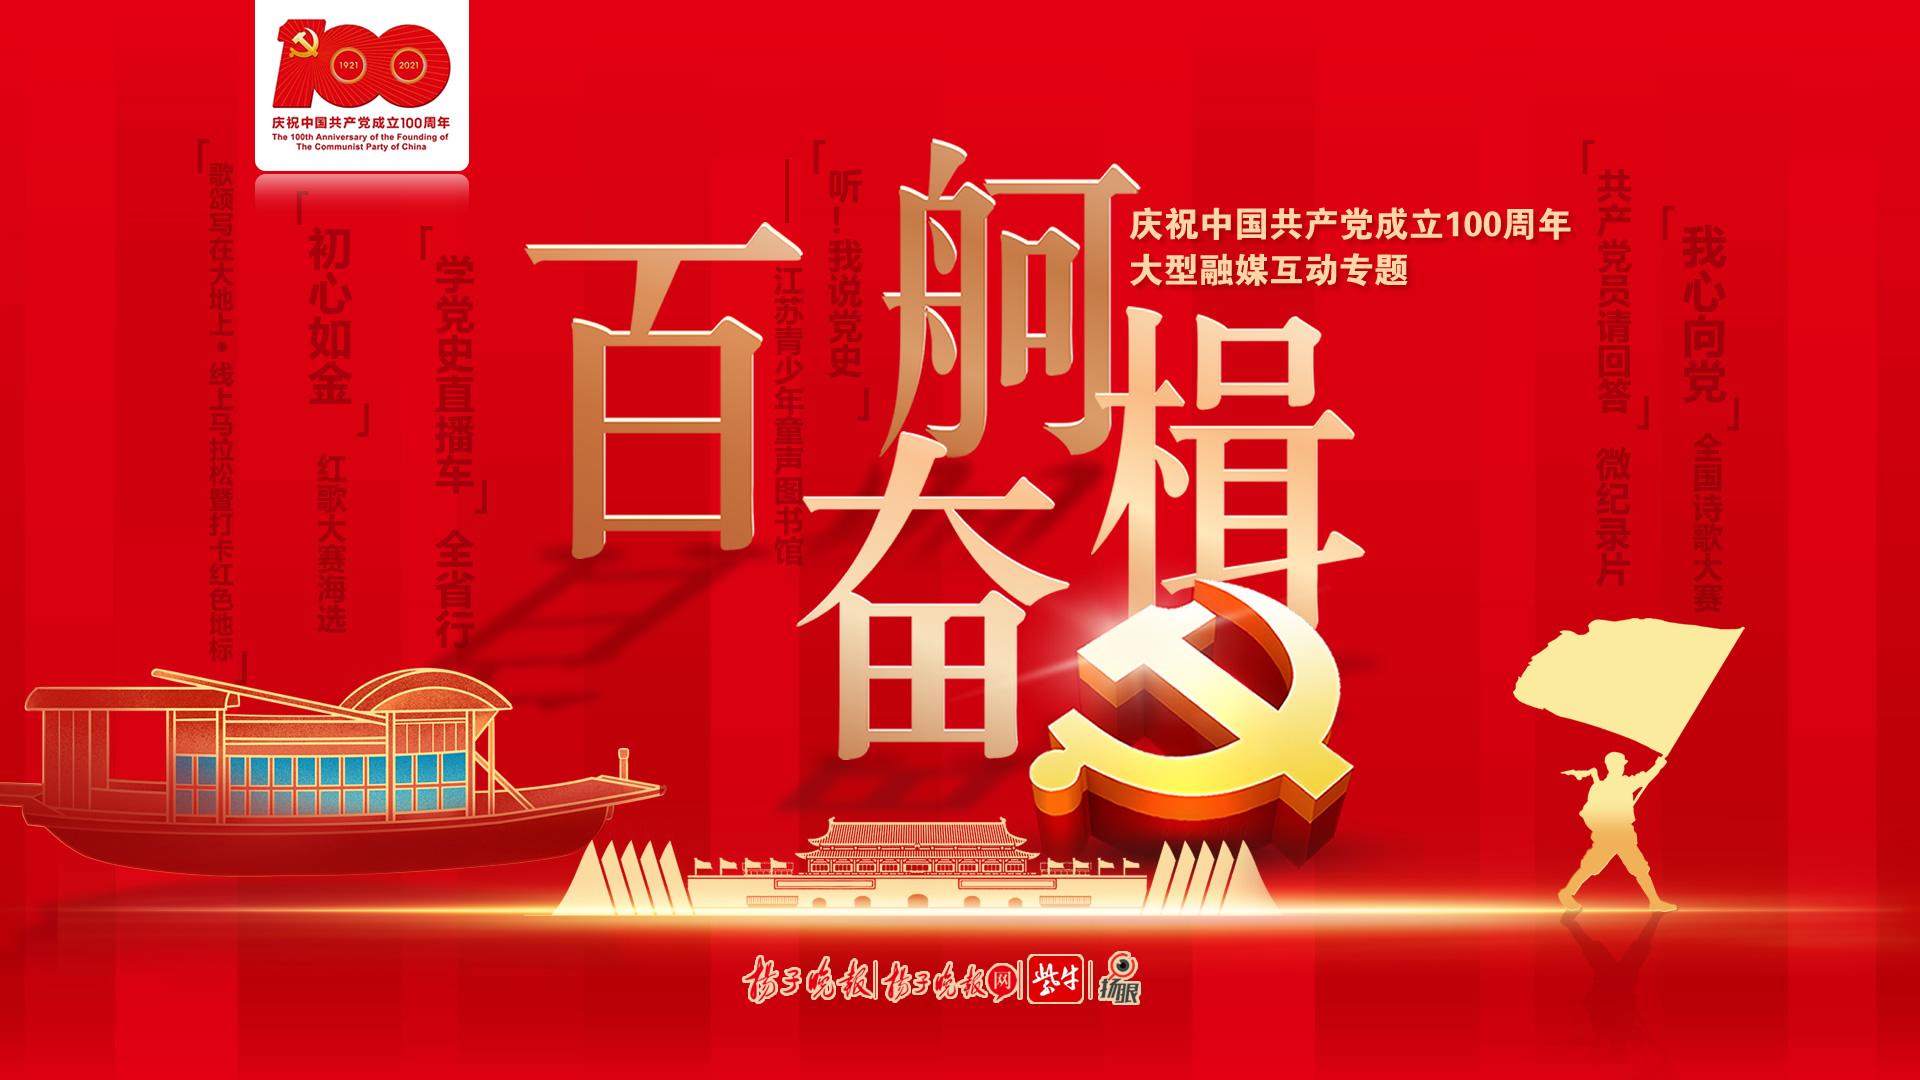 【动画视频】百舸奋楫——庆祝中国共产党成立100周年大型系列融媒体行动